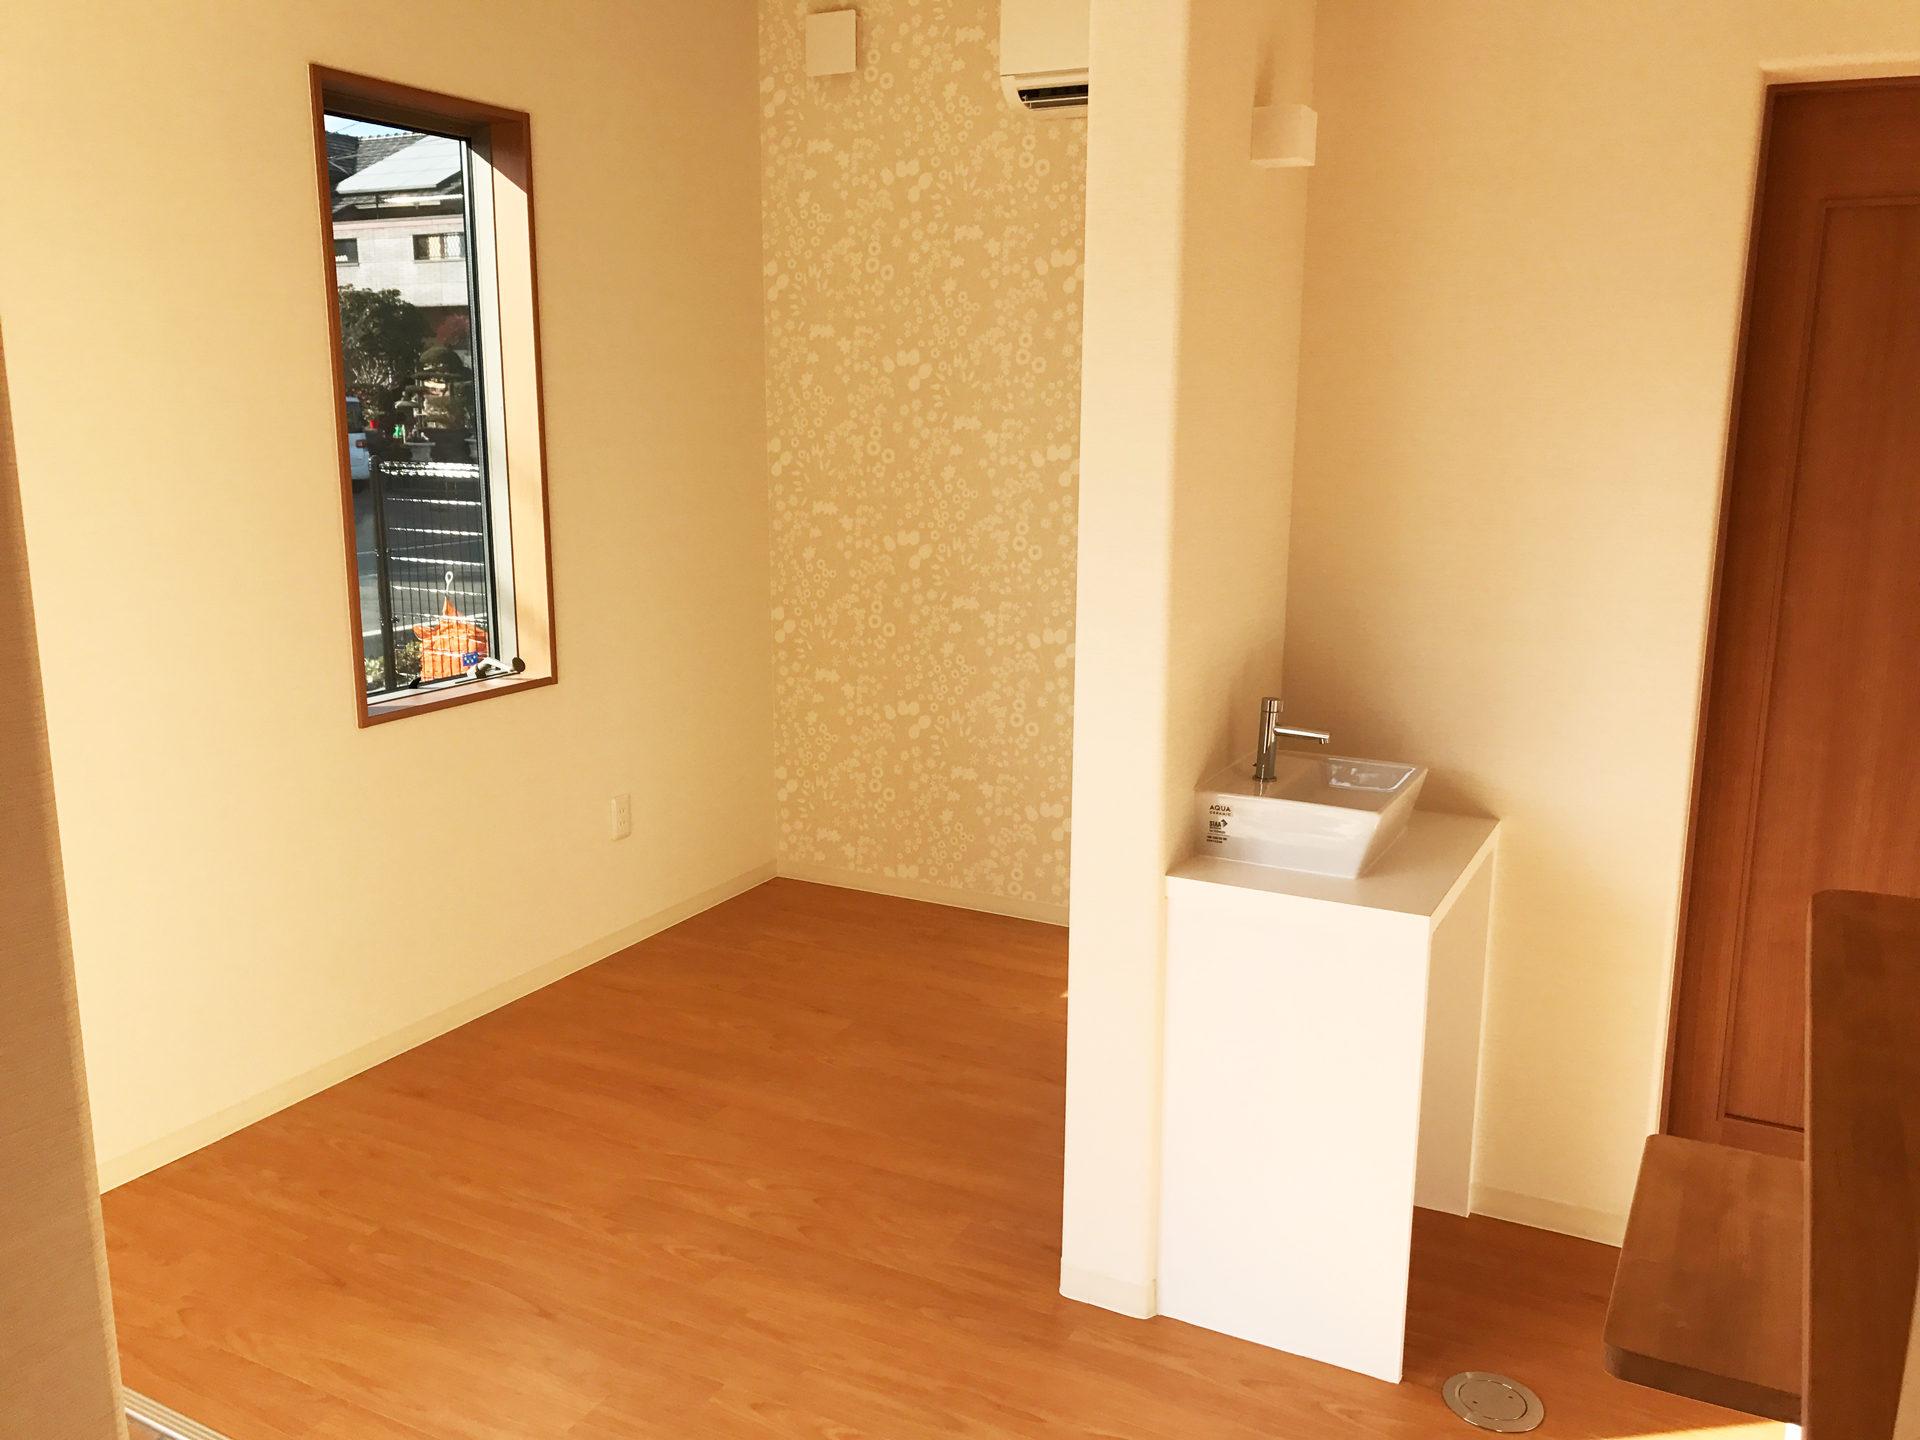 レディース治療院(はり・あん・マッサージ)付き二世帯住宅の待合室と手洗いカウンター